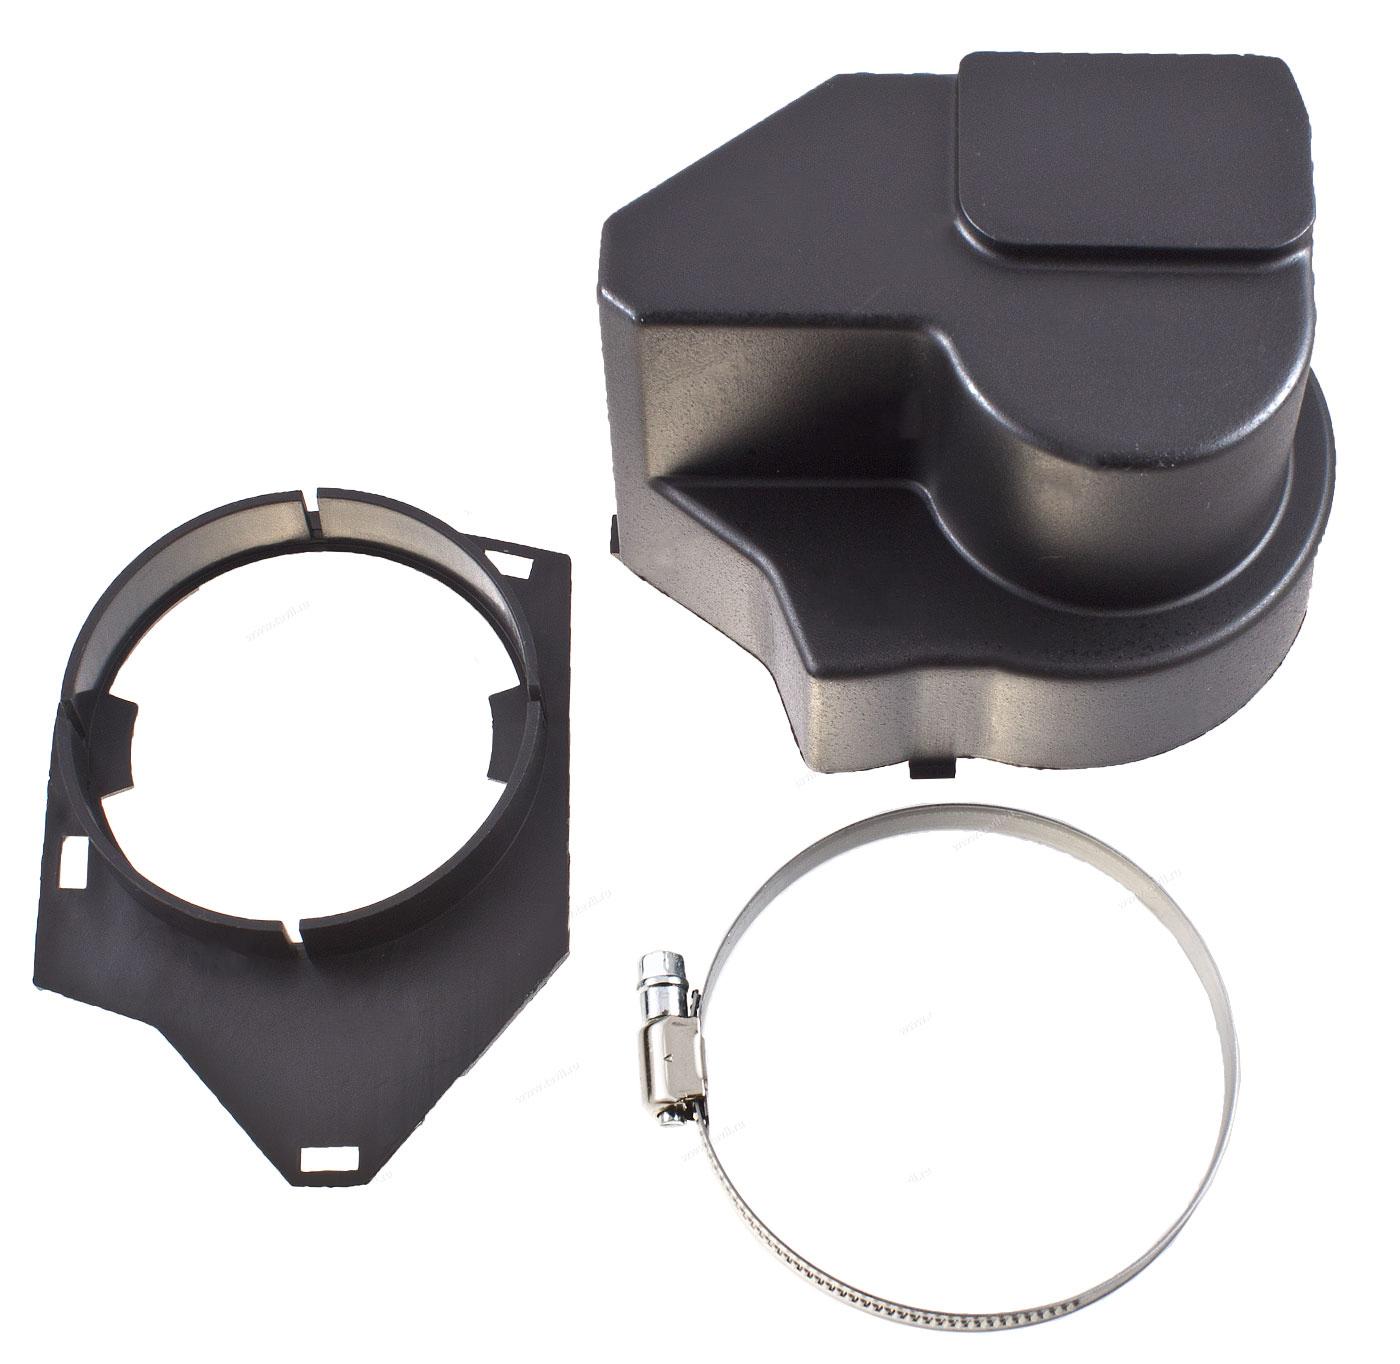 Вентиляционная коробка Tomasetto для наружного мультиклапана